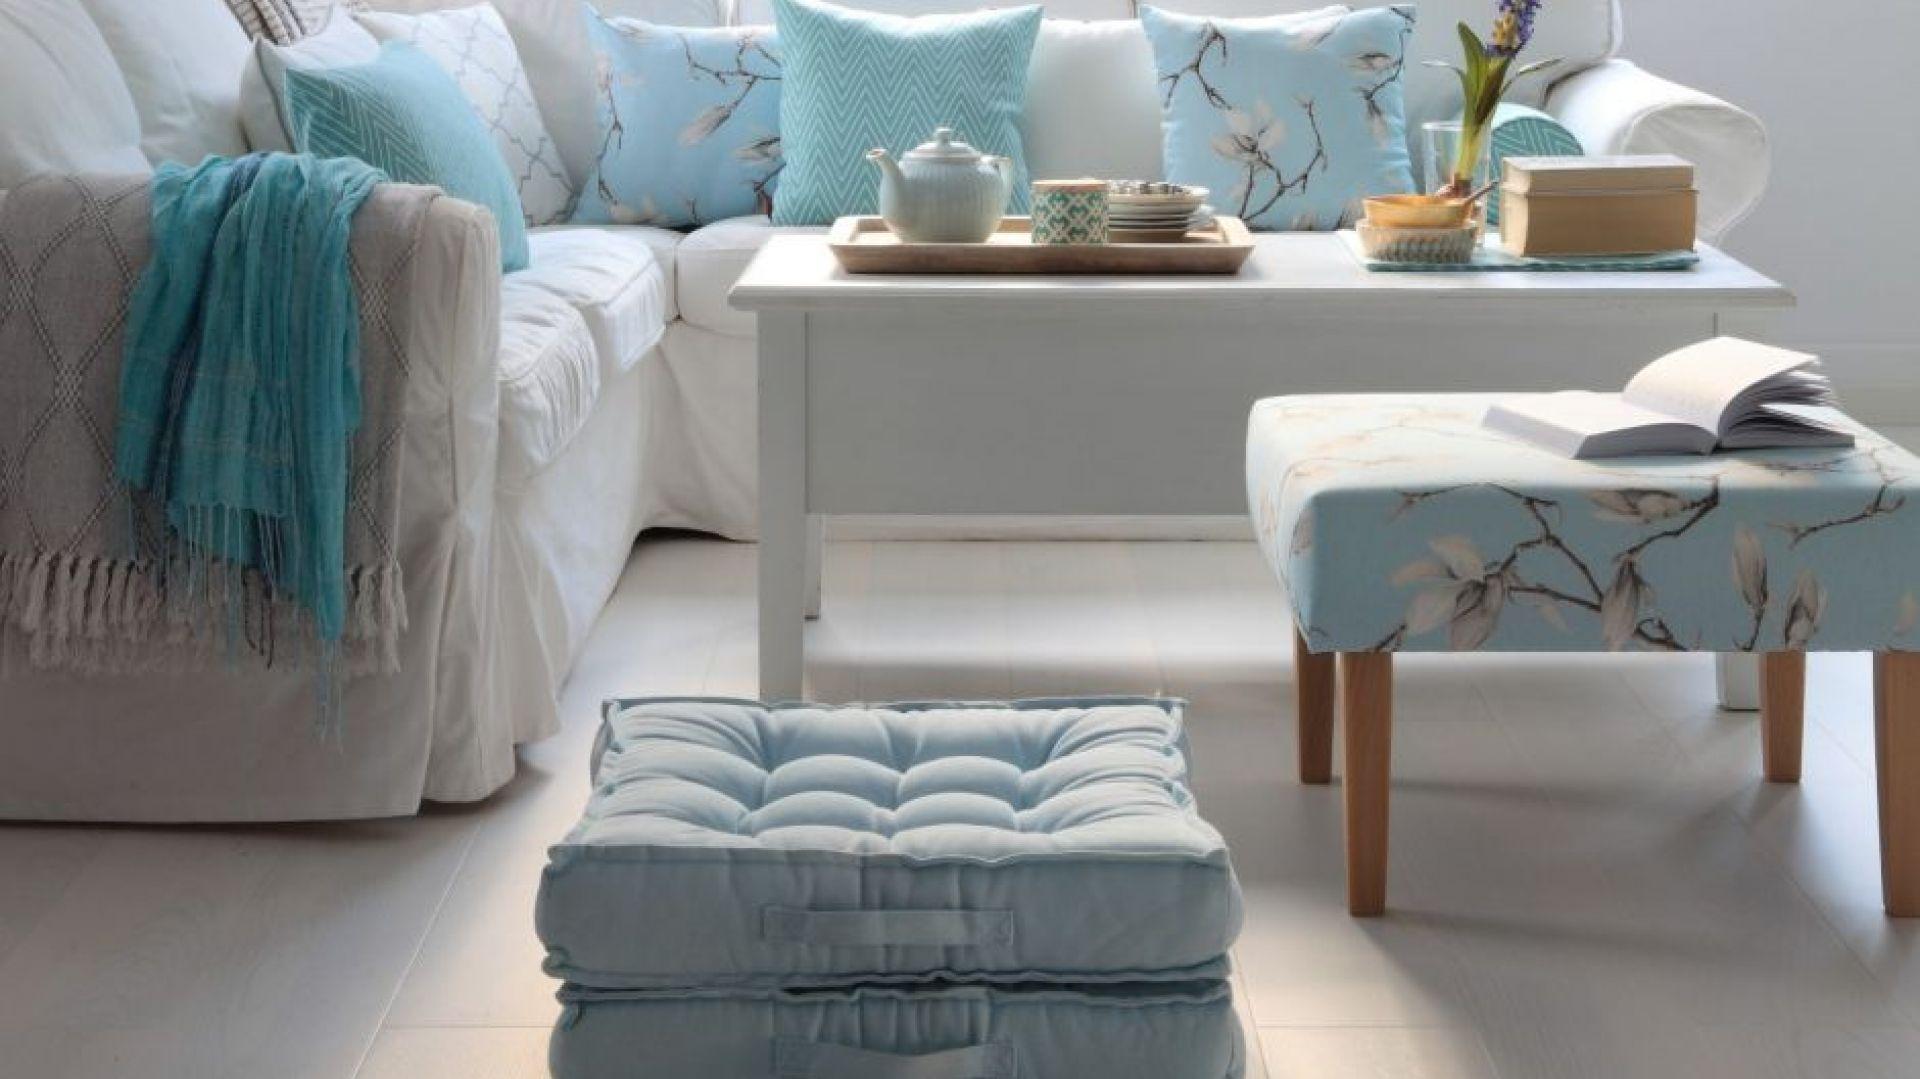 Właściciele małych salonów powinni wybierać jasne kolory – optycznie powiększą i rozświetlą wnętrze. Fot. Dekoria.pl